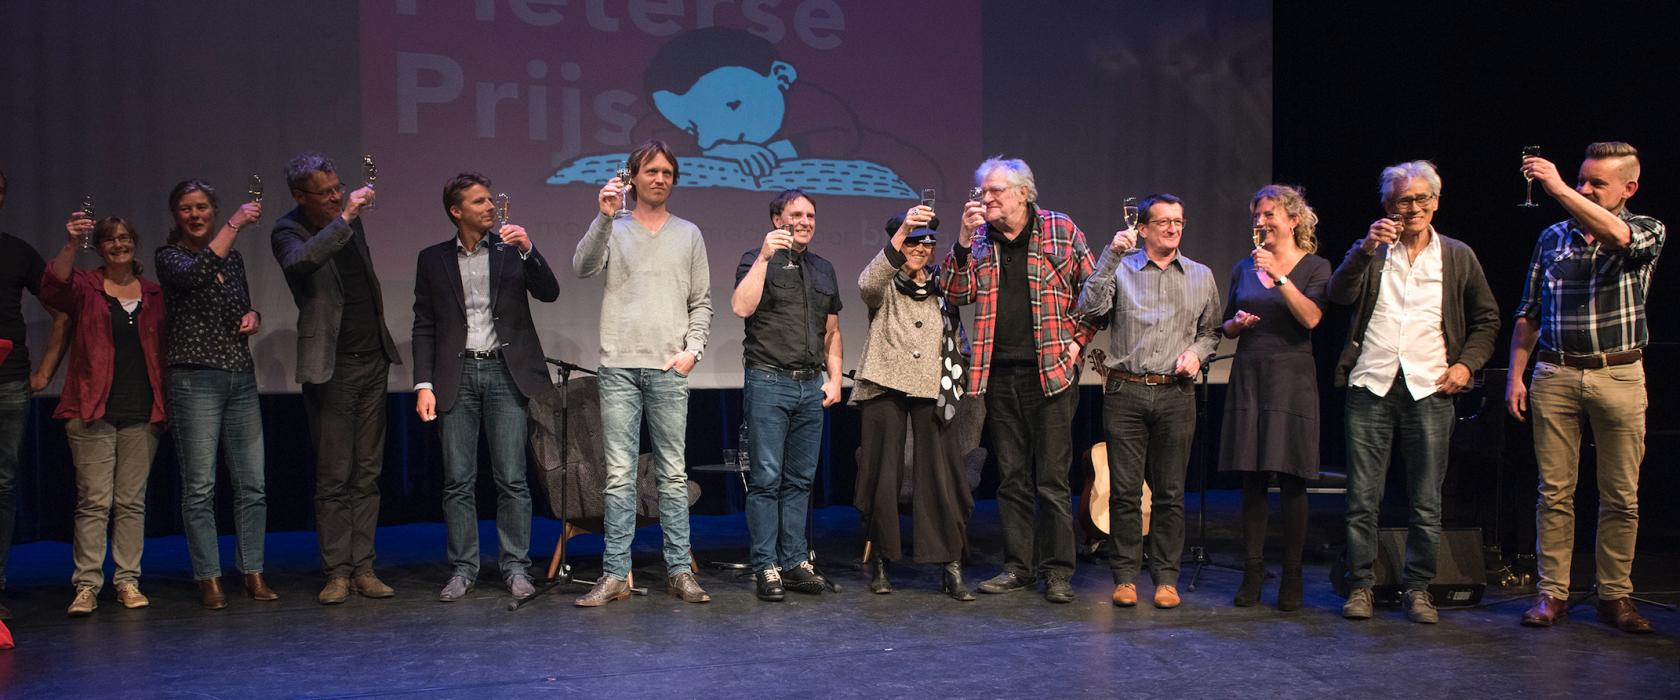 Woutertje Pieterse Prijs 2016